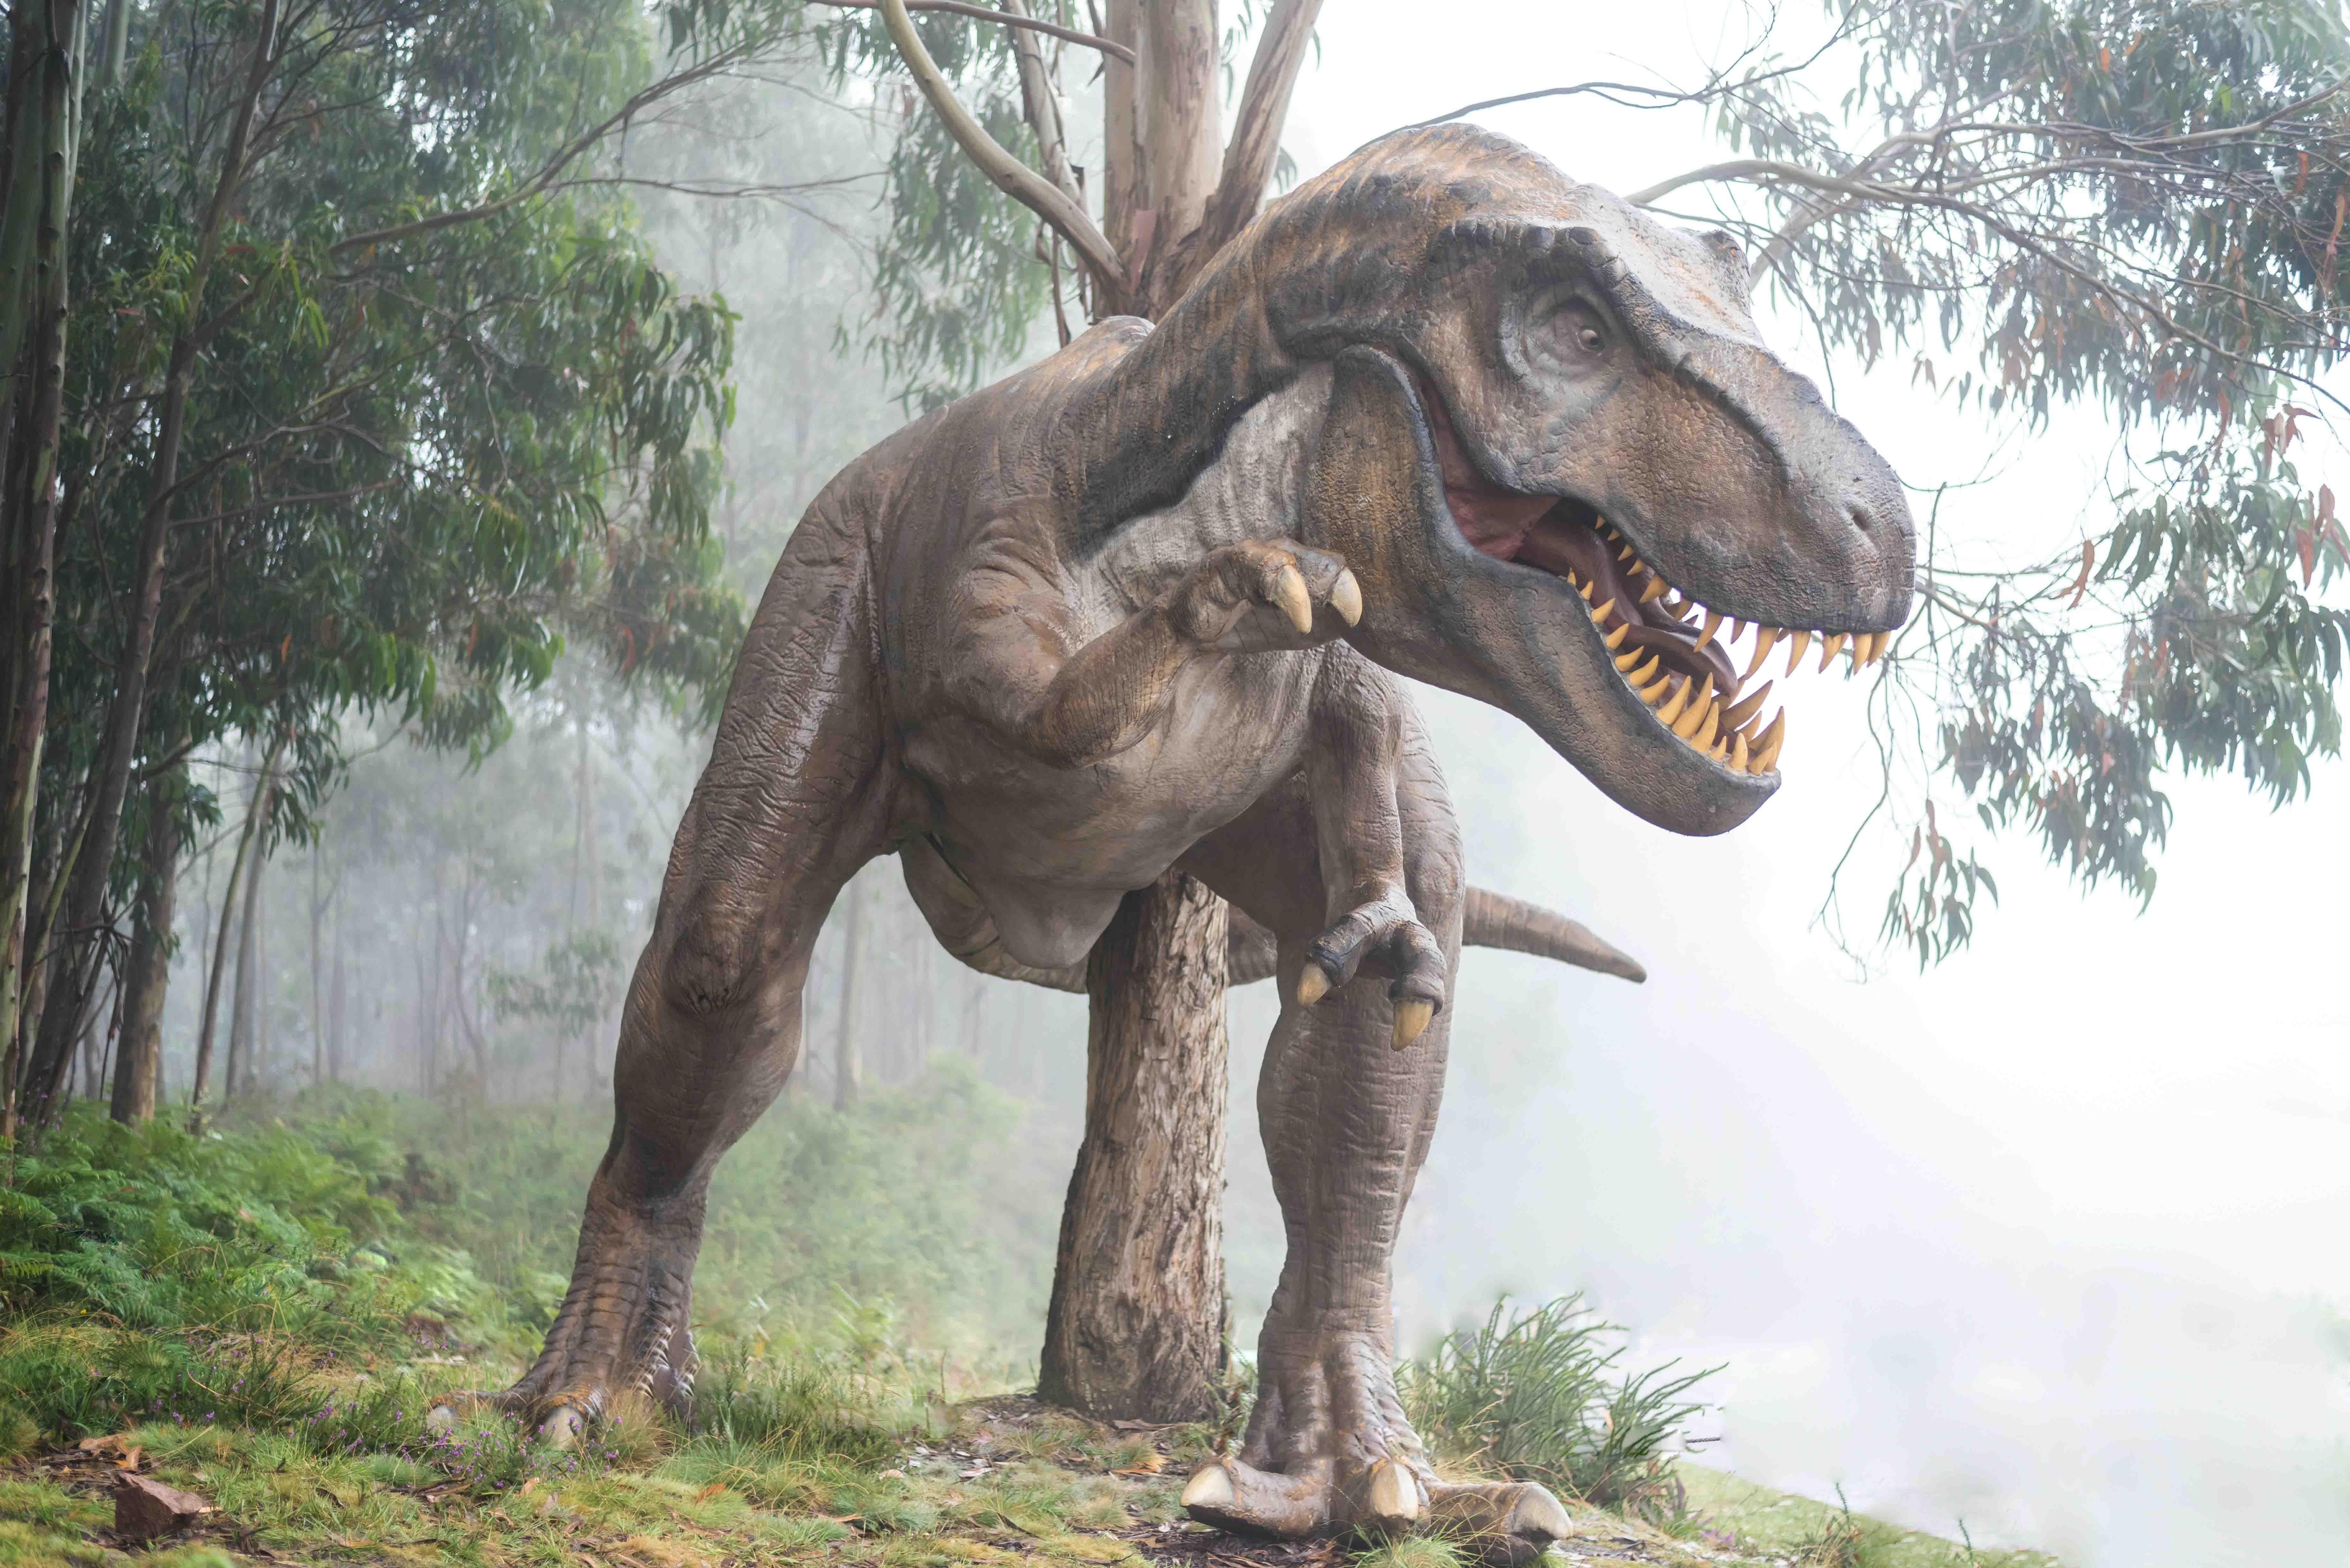 curiosidades sobre dinossauros fatos